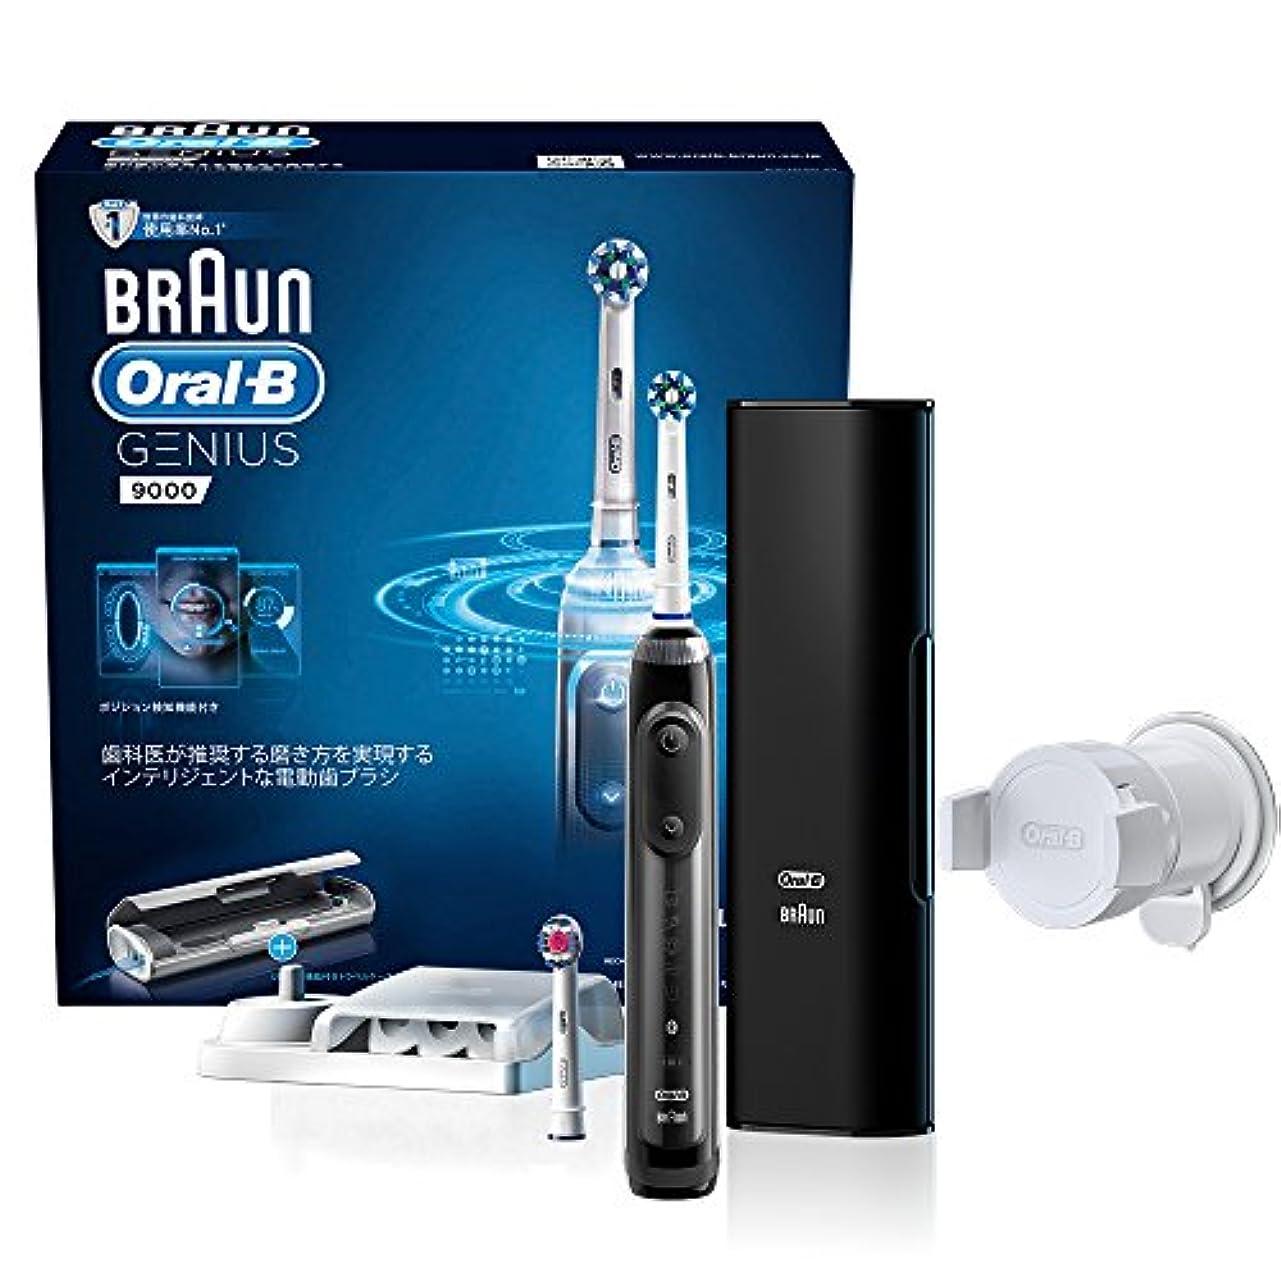 コロニアルアレルギー規制するブラウン オーラルB 電動歯ブラシ ジーニアス 9000 マルチアクション/ホワイトニングブラシ付属 ブラック D7015256XCBK D7015256XCBK